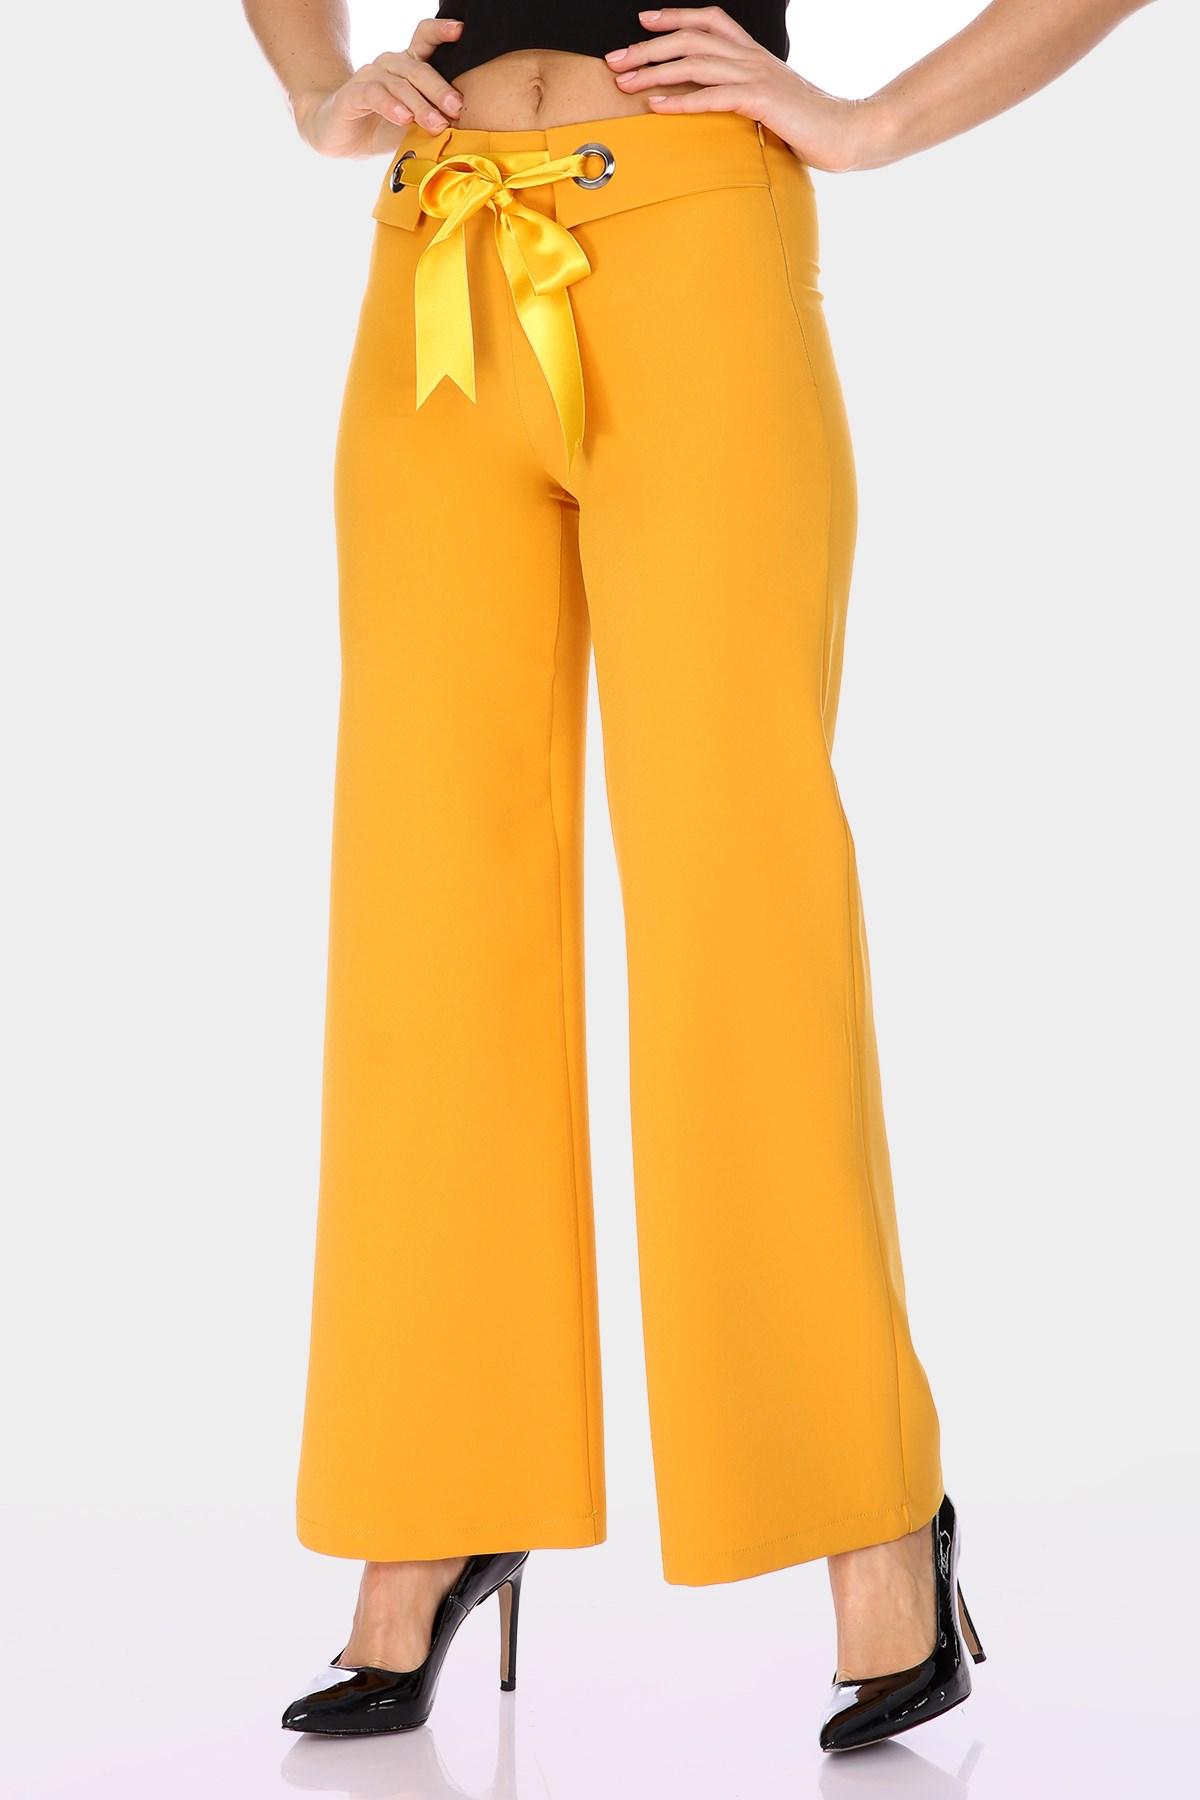 Women's Wide Legs Pants